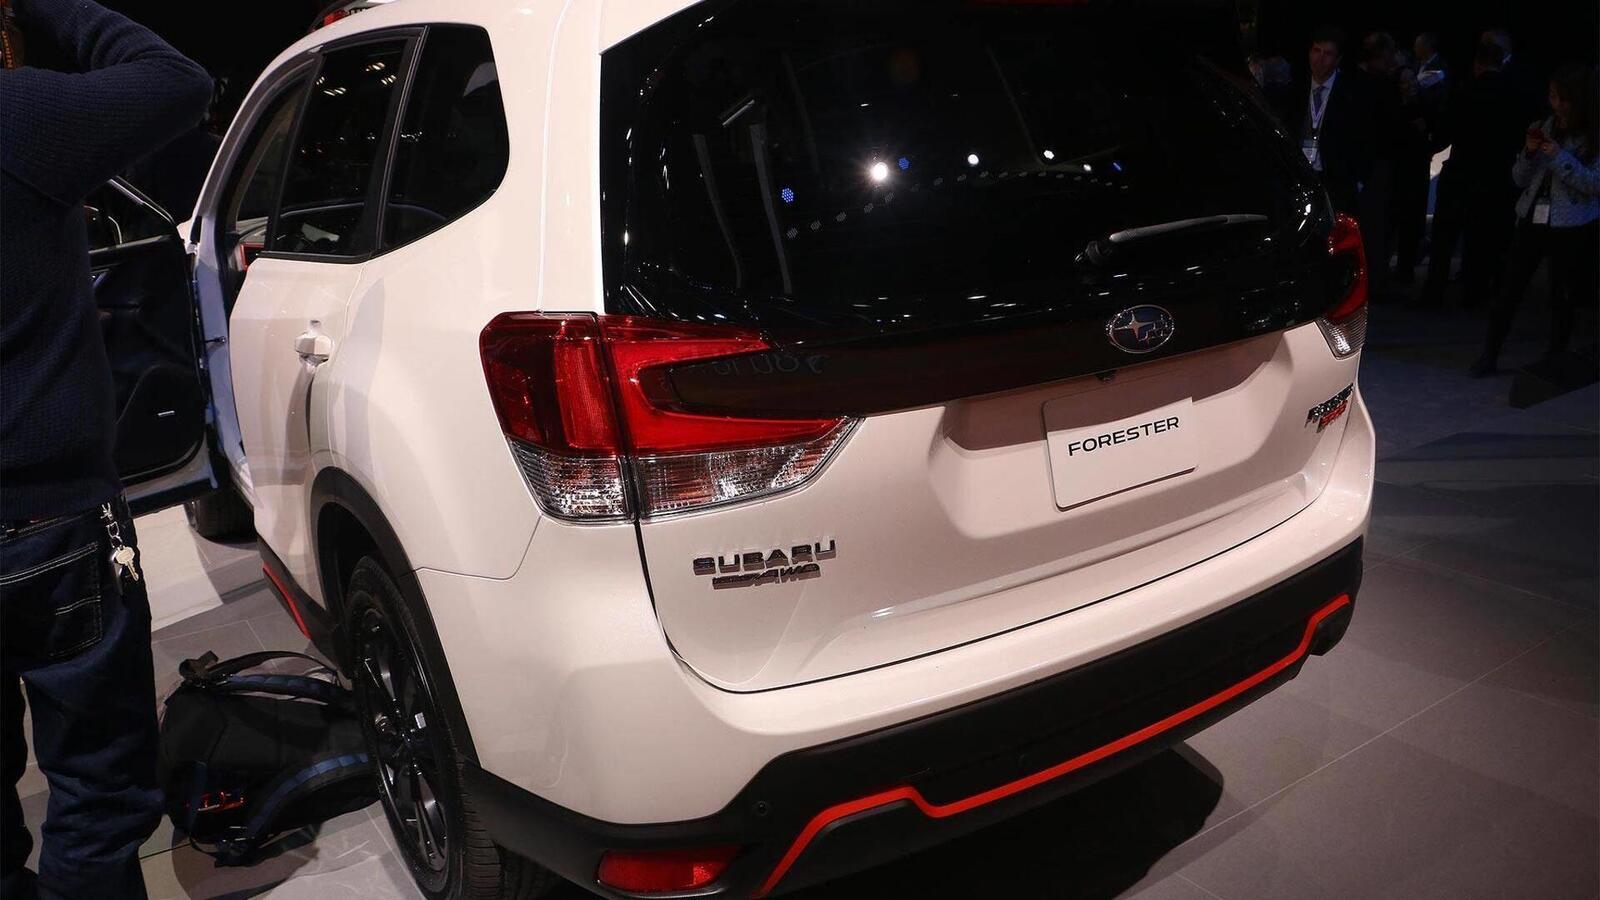 Subaru Forester 2019: Thay đổi nội ngoại thất, động cơ mạnh hơn, thêm nhiều phiên bản - Hình 20